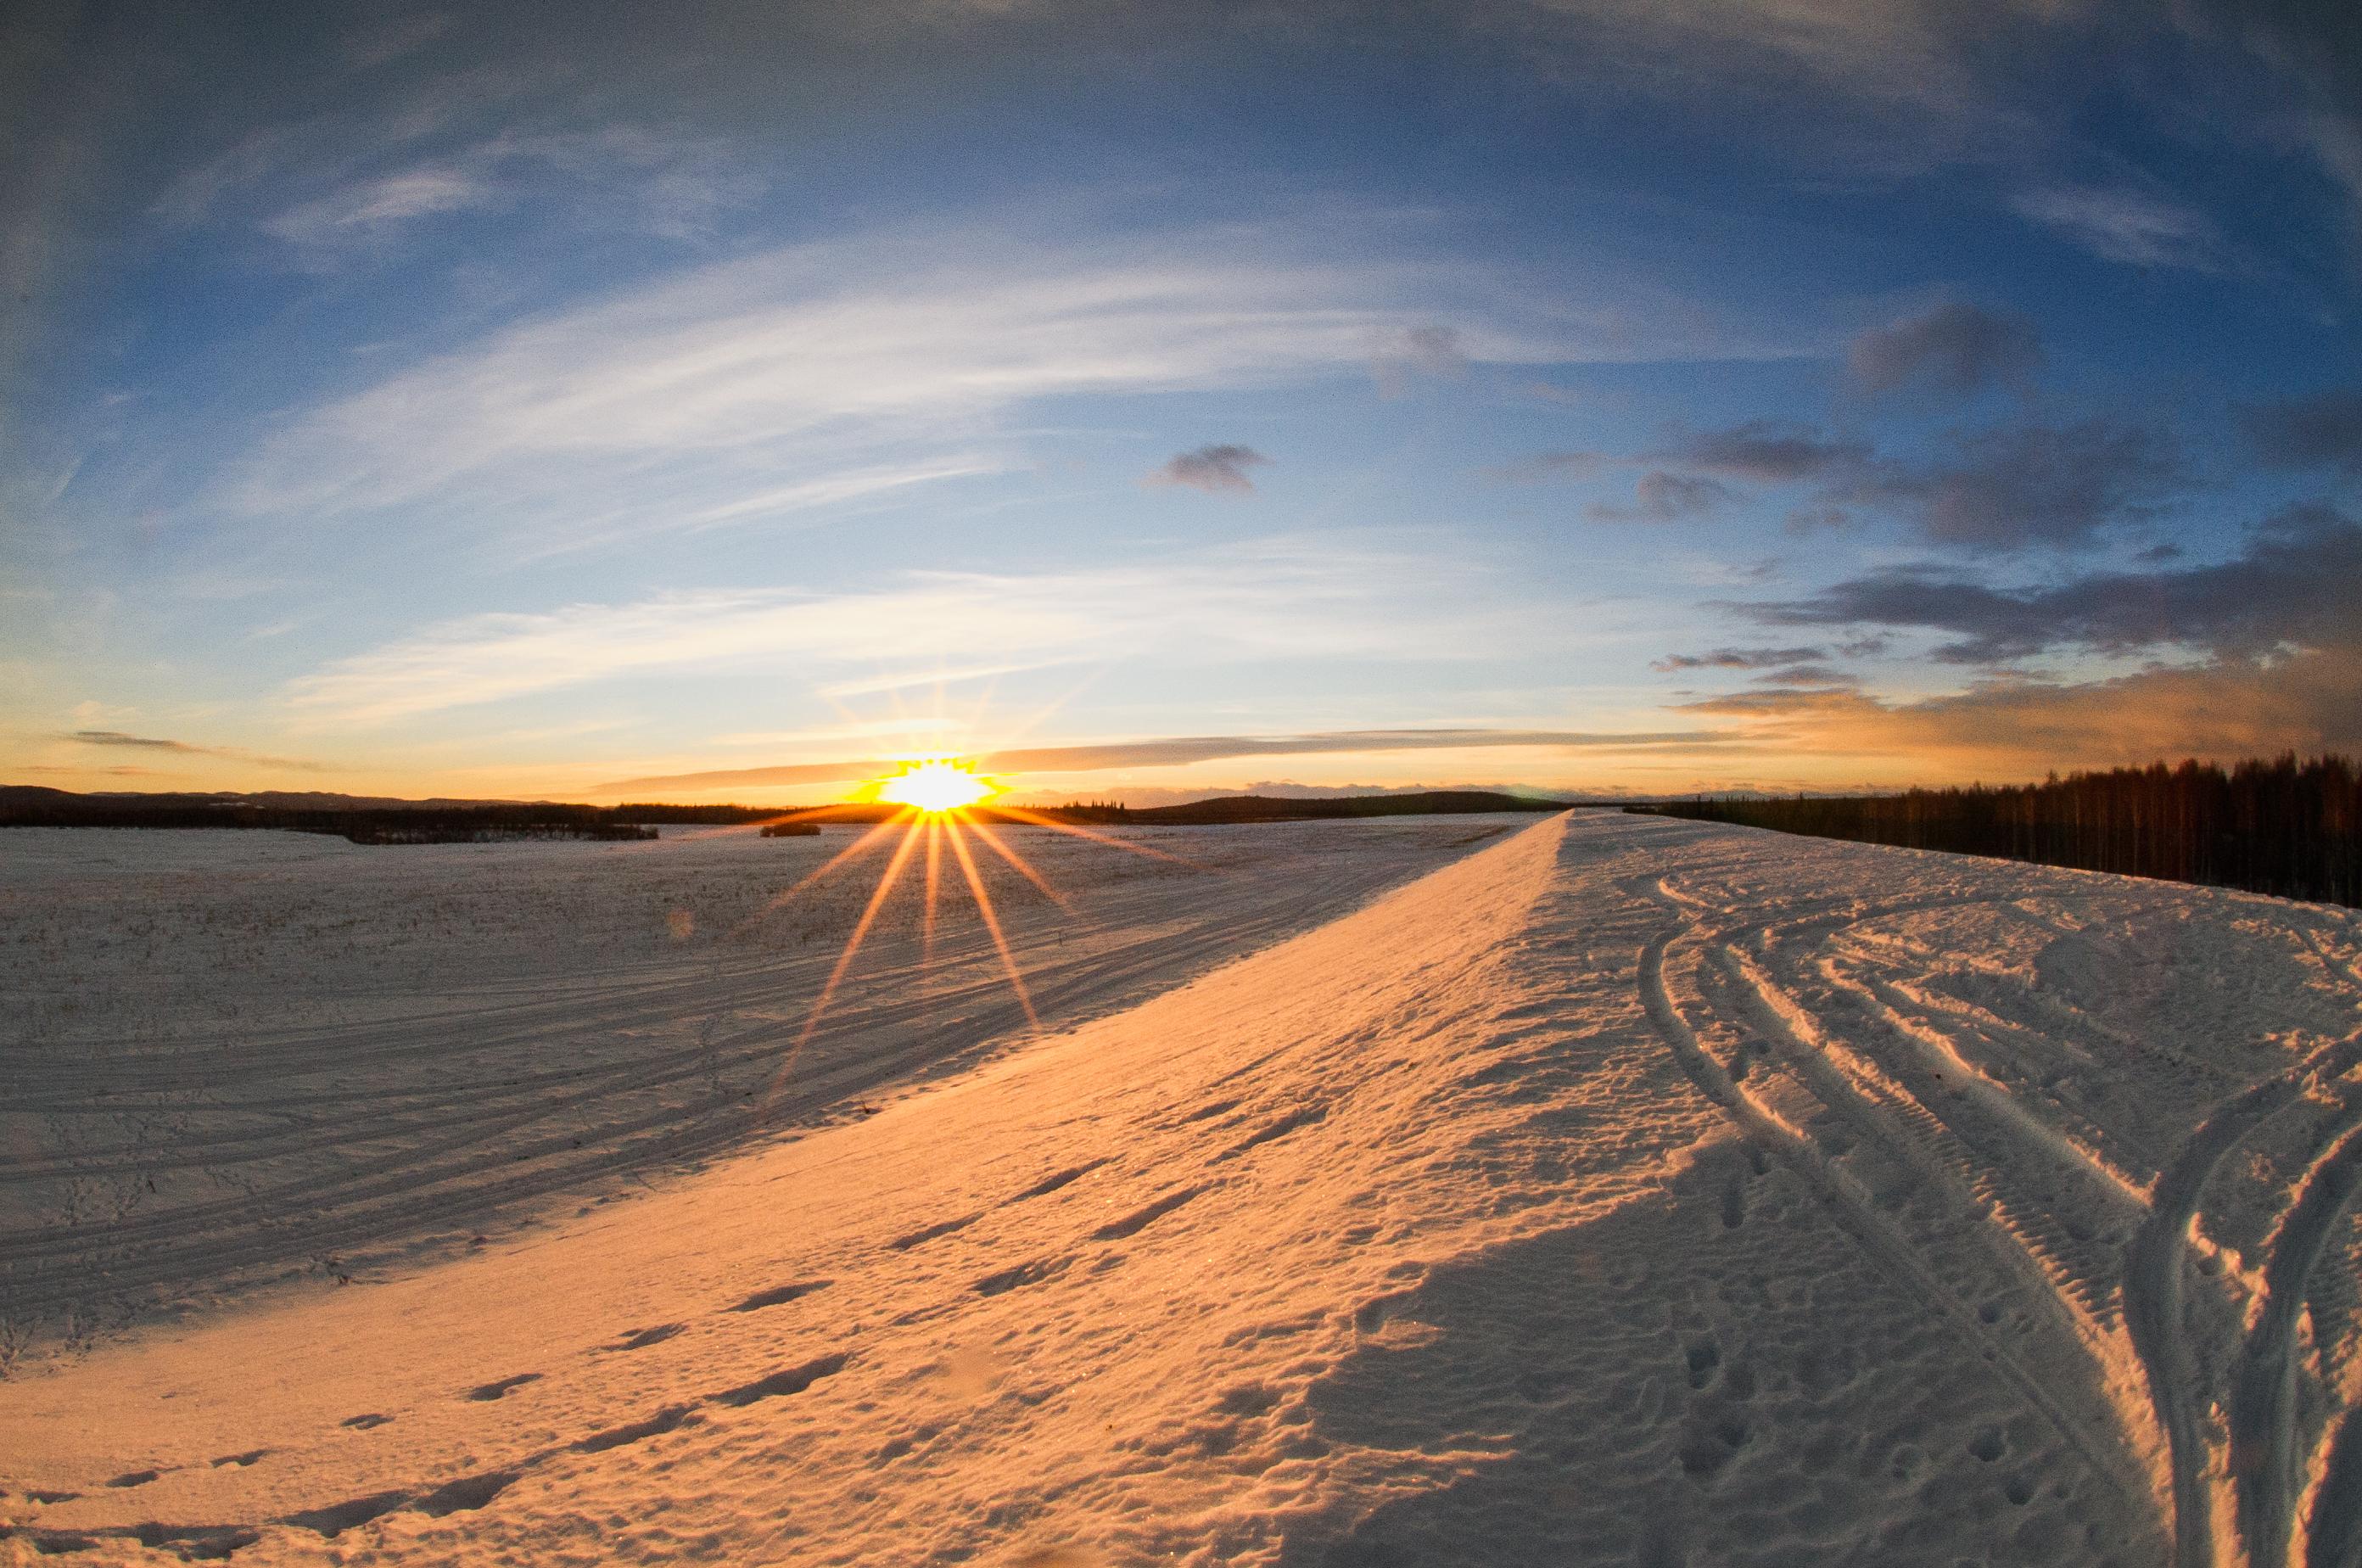 sunrise in North Pole, AK